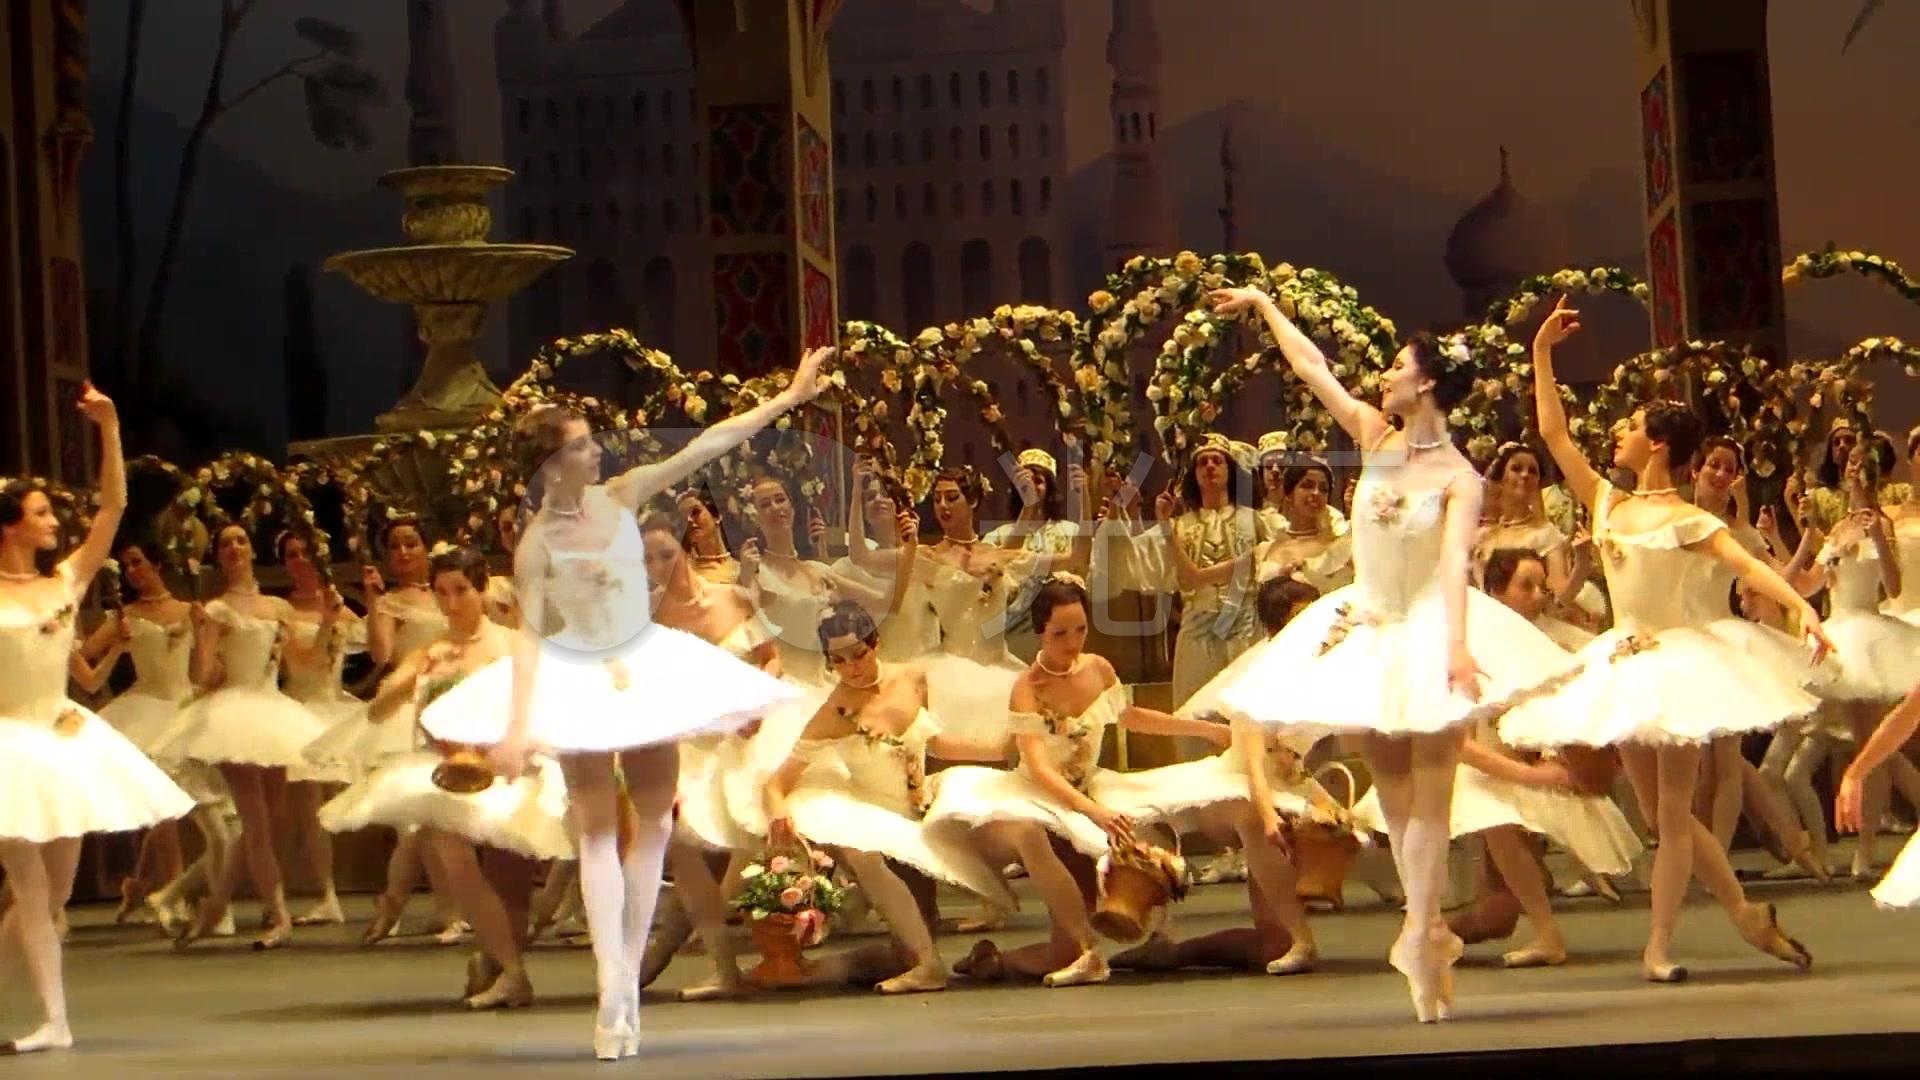 芭蕾舞舞台剧v视频_1920X1080_视频高清素材视频裸爱图片